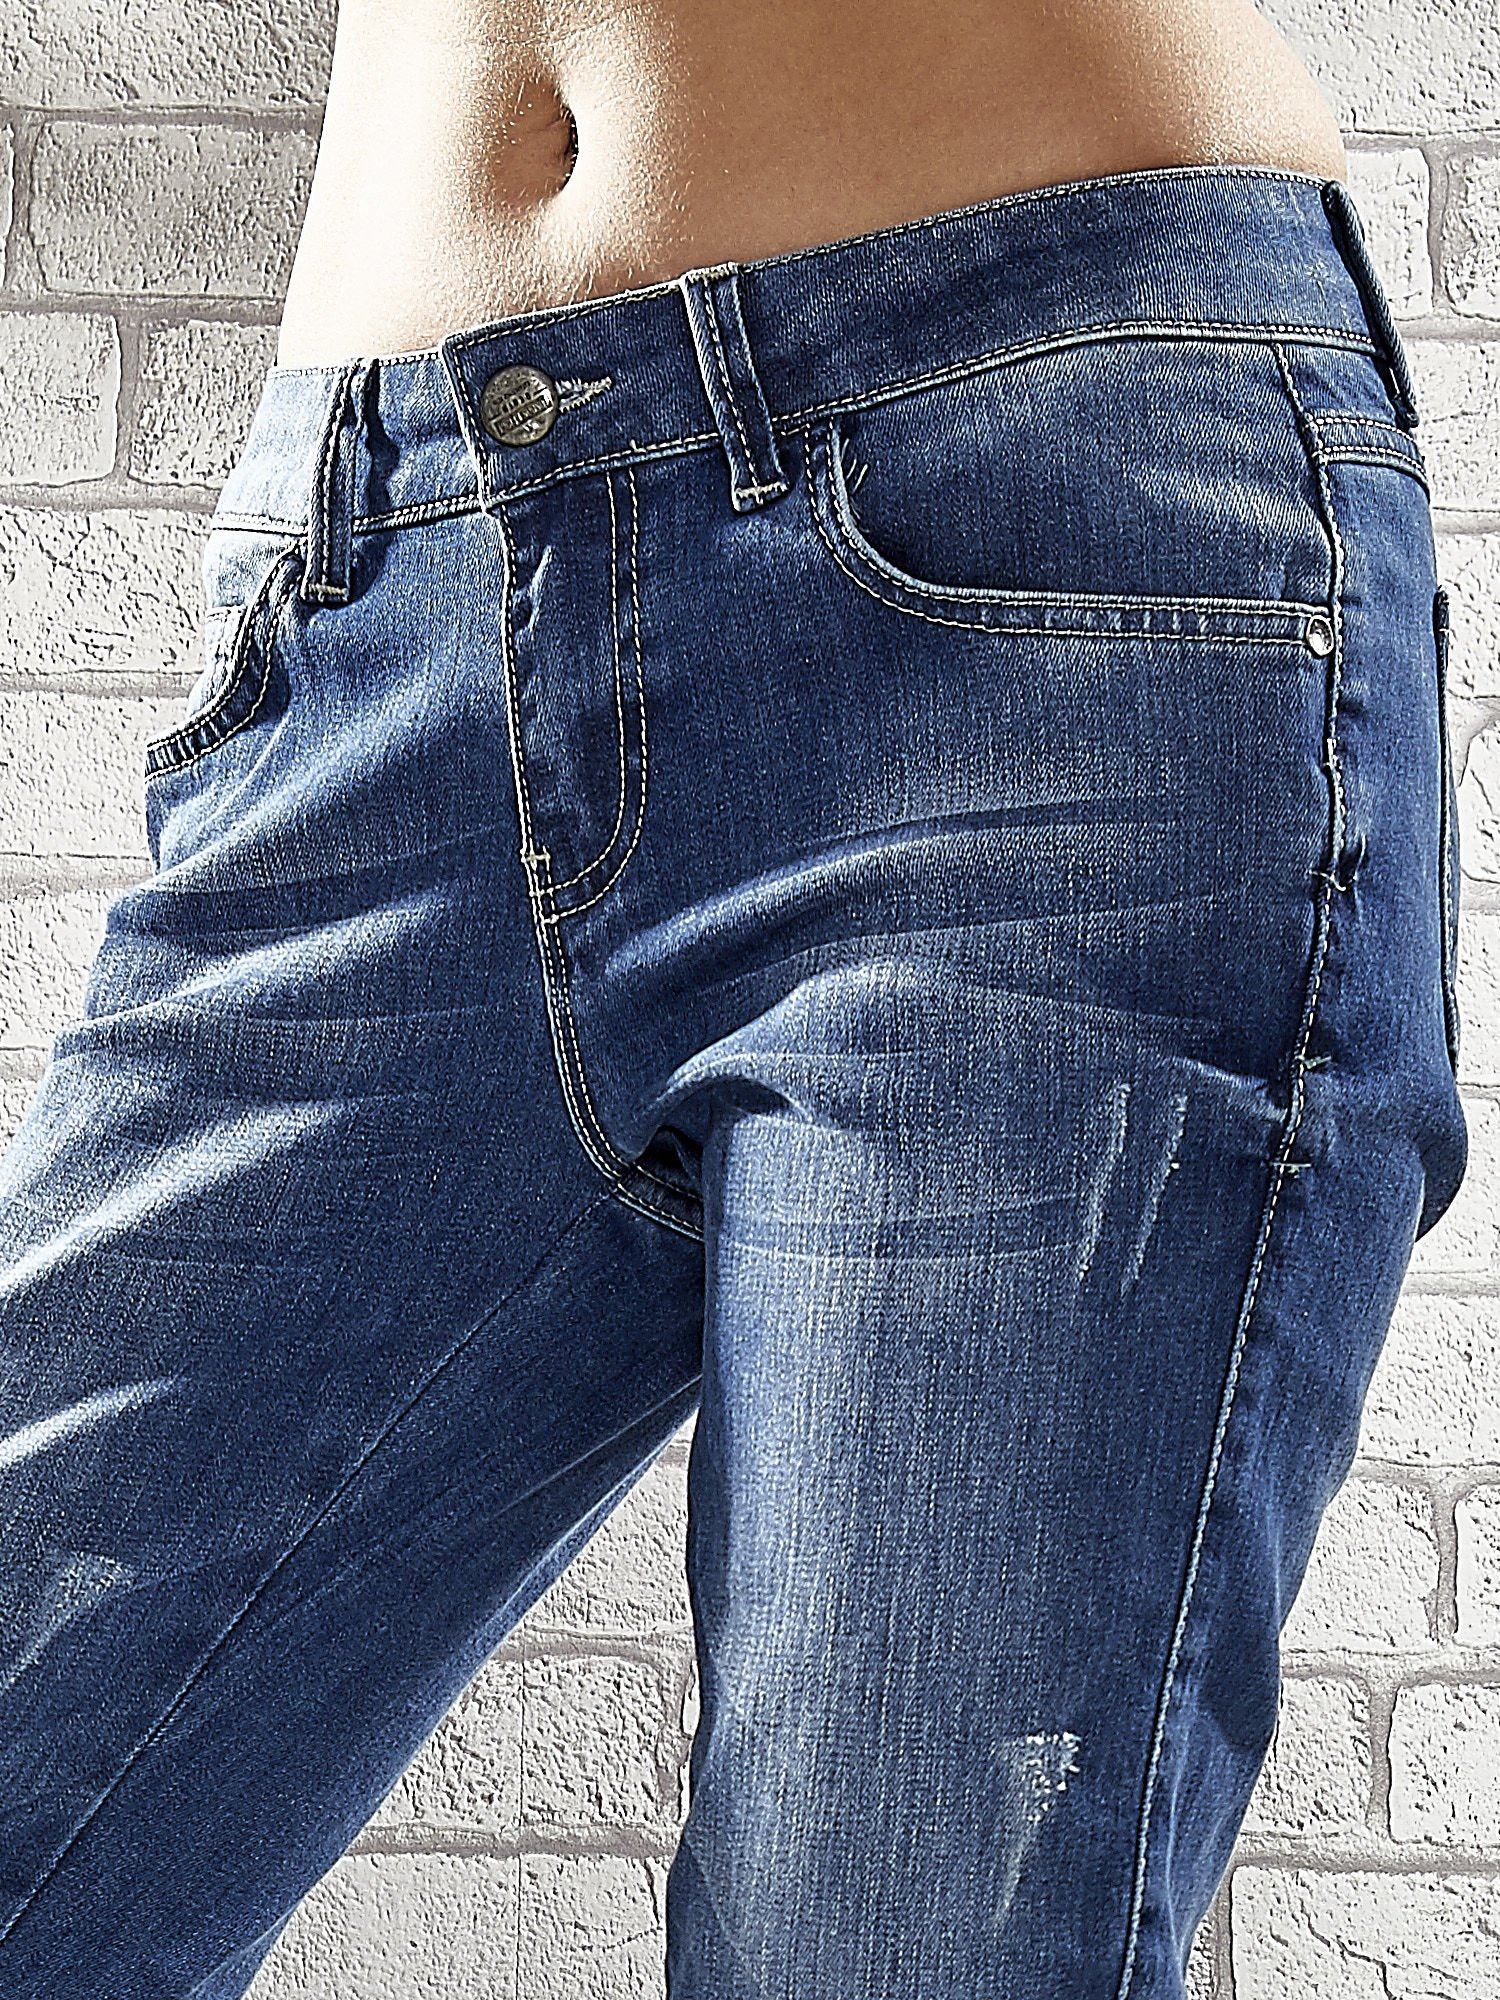 Niebieskie spodnie skinny jeans z postrzępioną nogawką na dole                                  zdj.                                  4